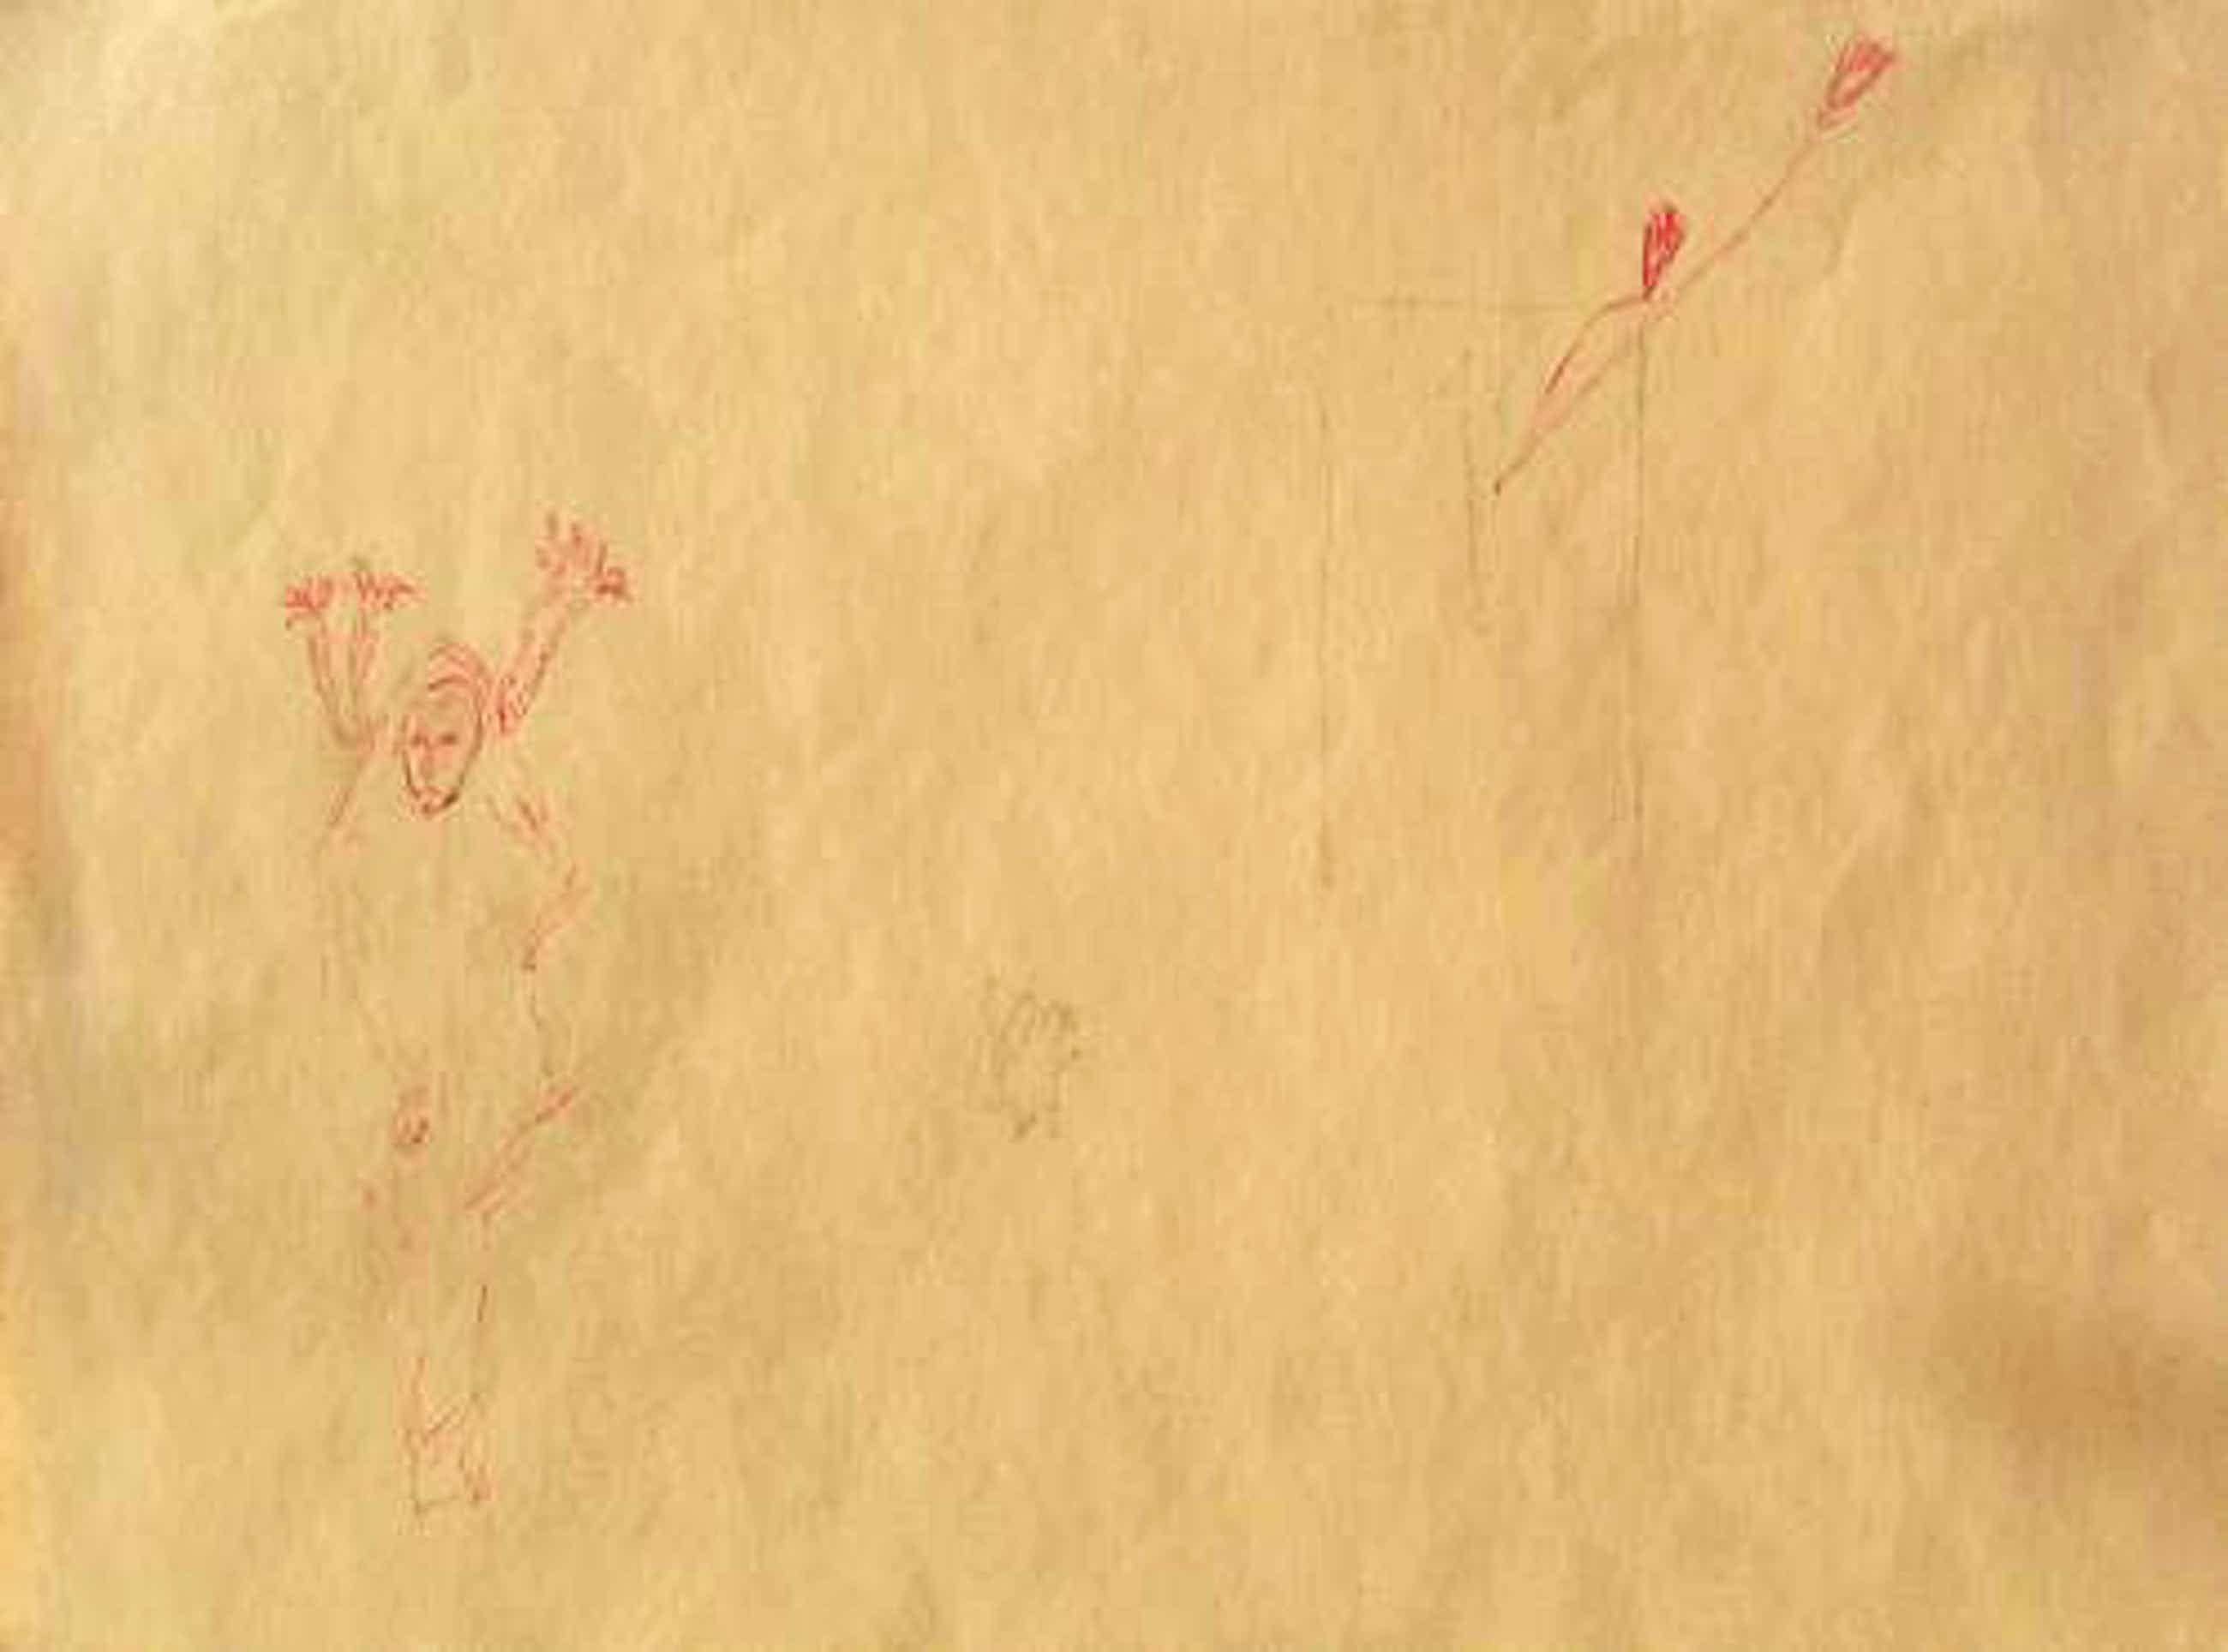 Mimmo Paladino - Original Zeichnung, 1979 kopen? Bied vanaf 360!